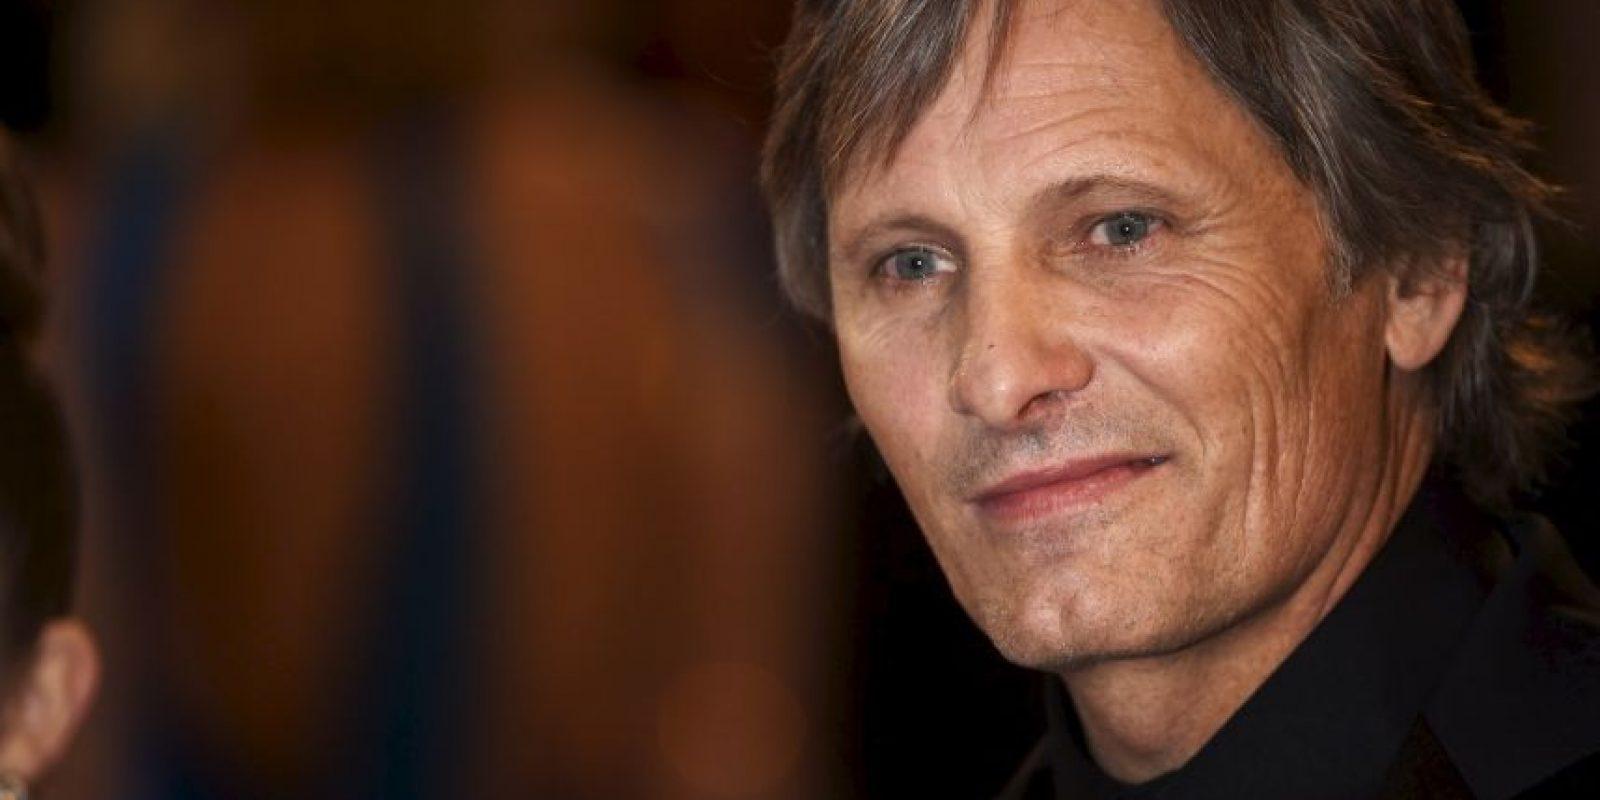 Viggo Mortensen actualmente tiene 57 años Foto:Getty Images. Imagen Por: